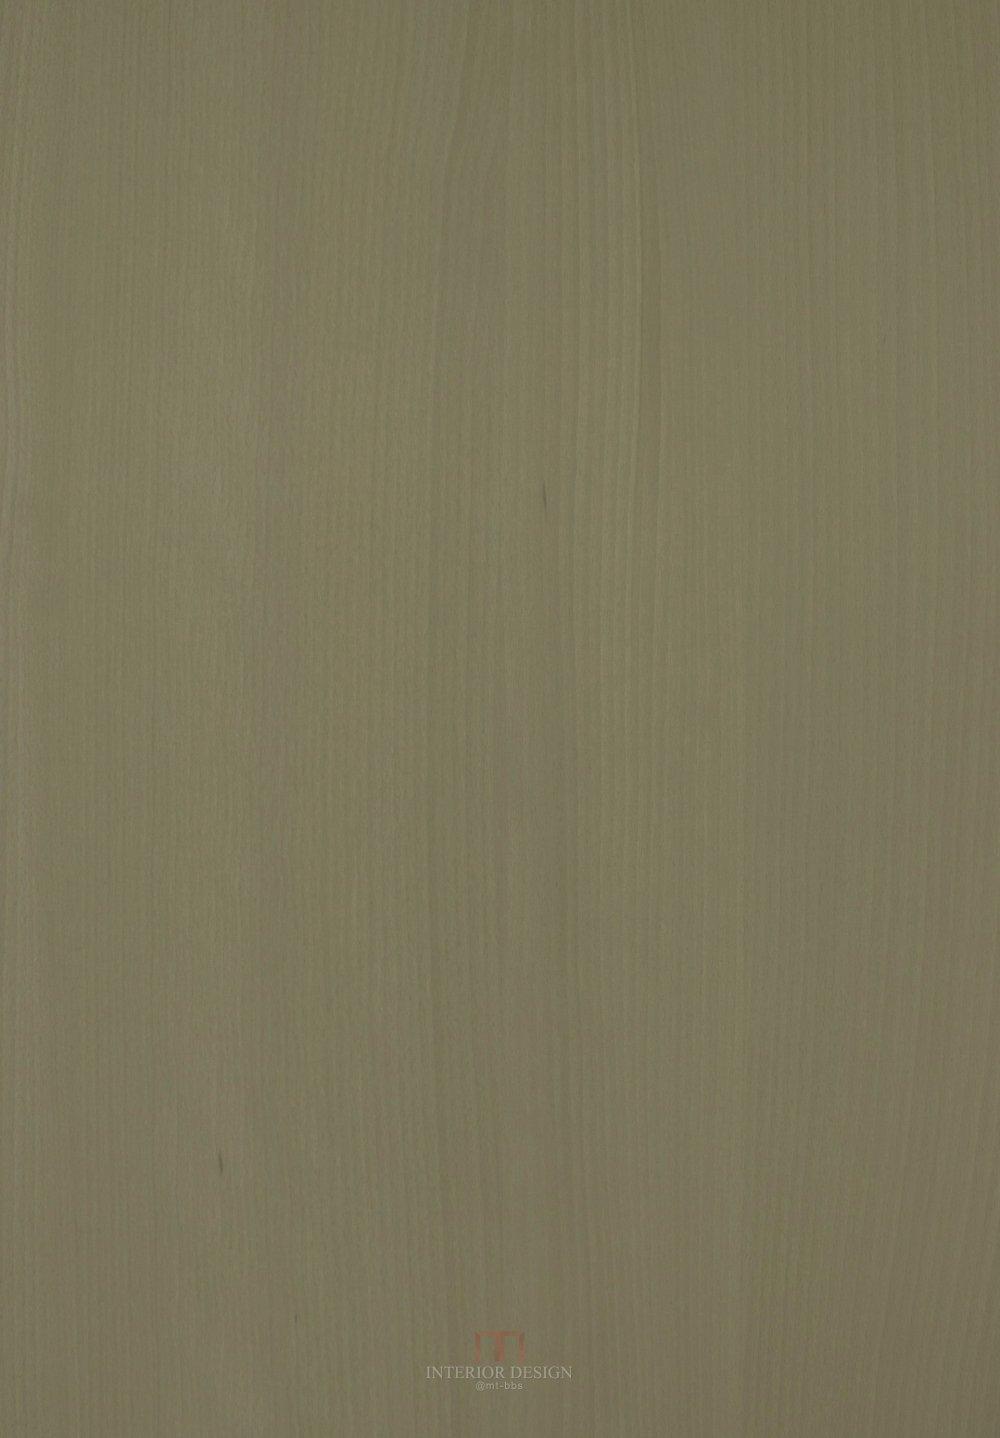 天然木纹_K6106RN_F0603.jpg